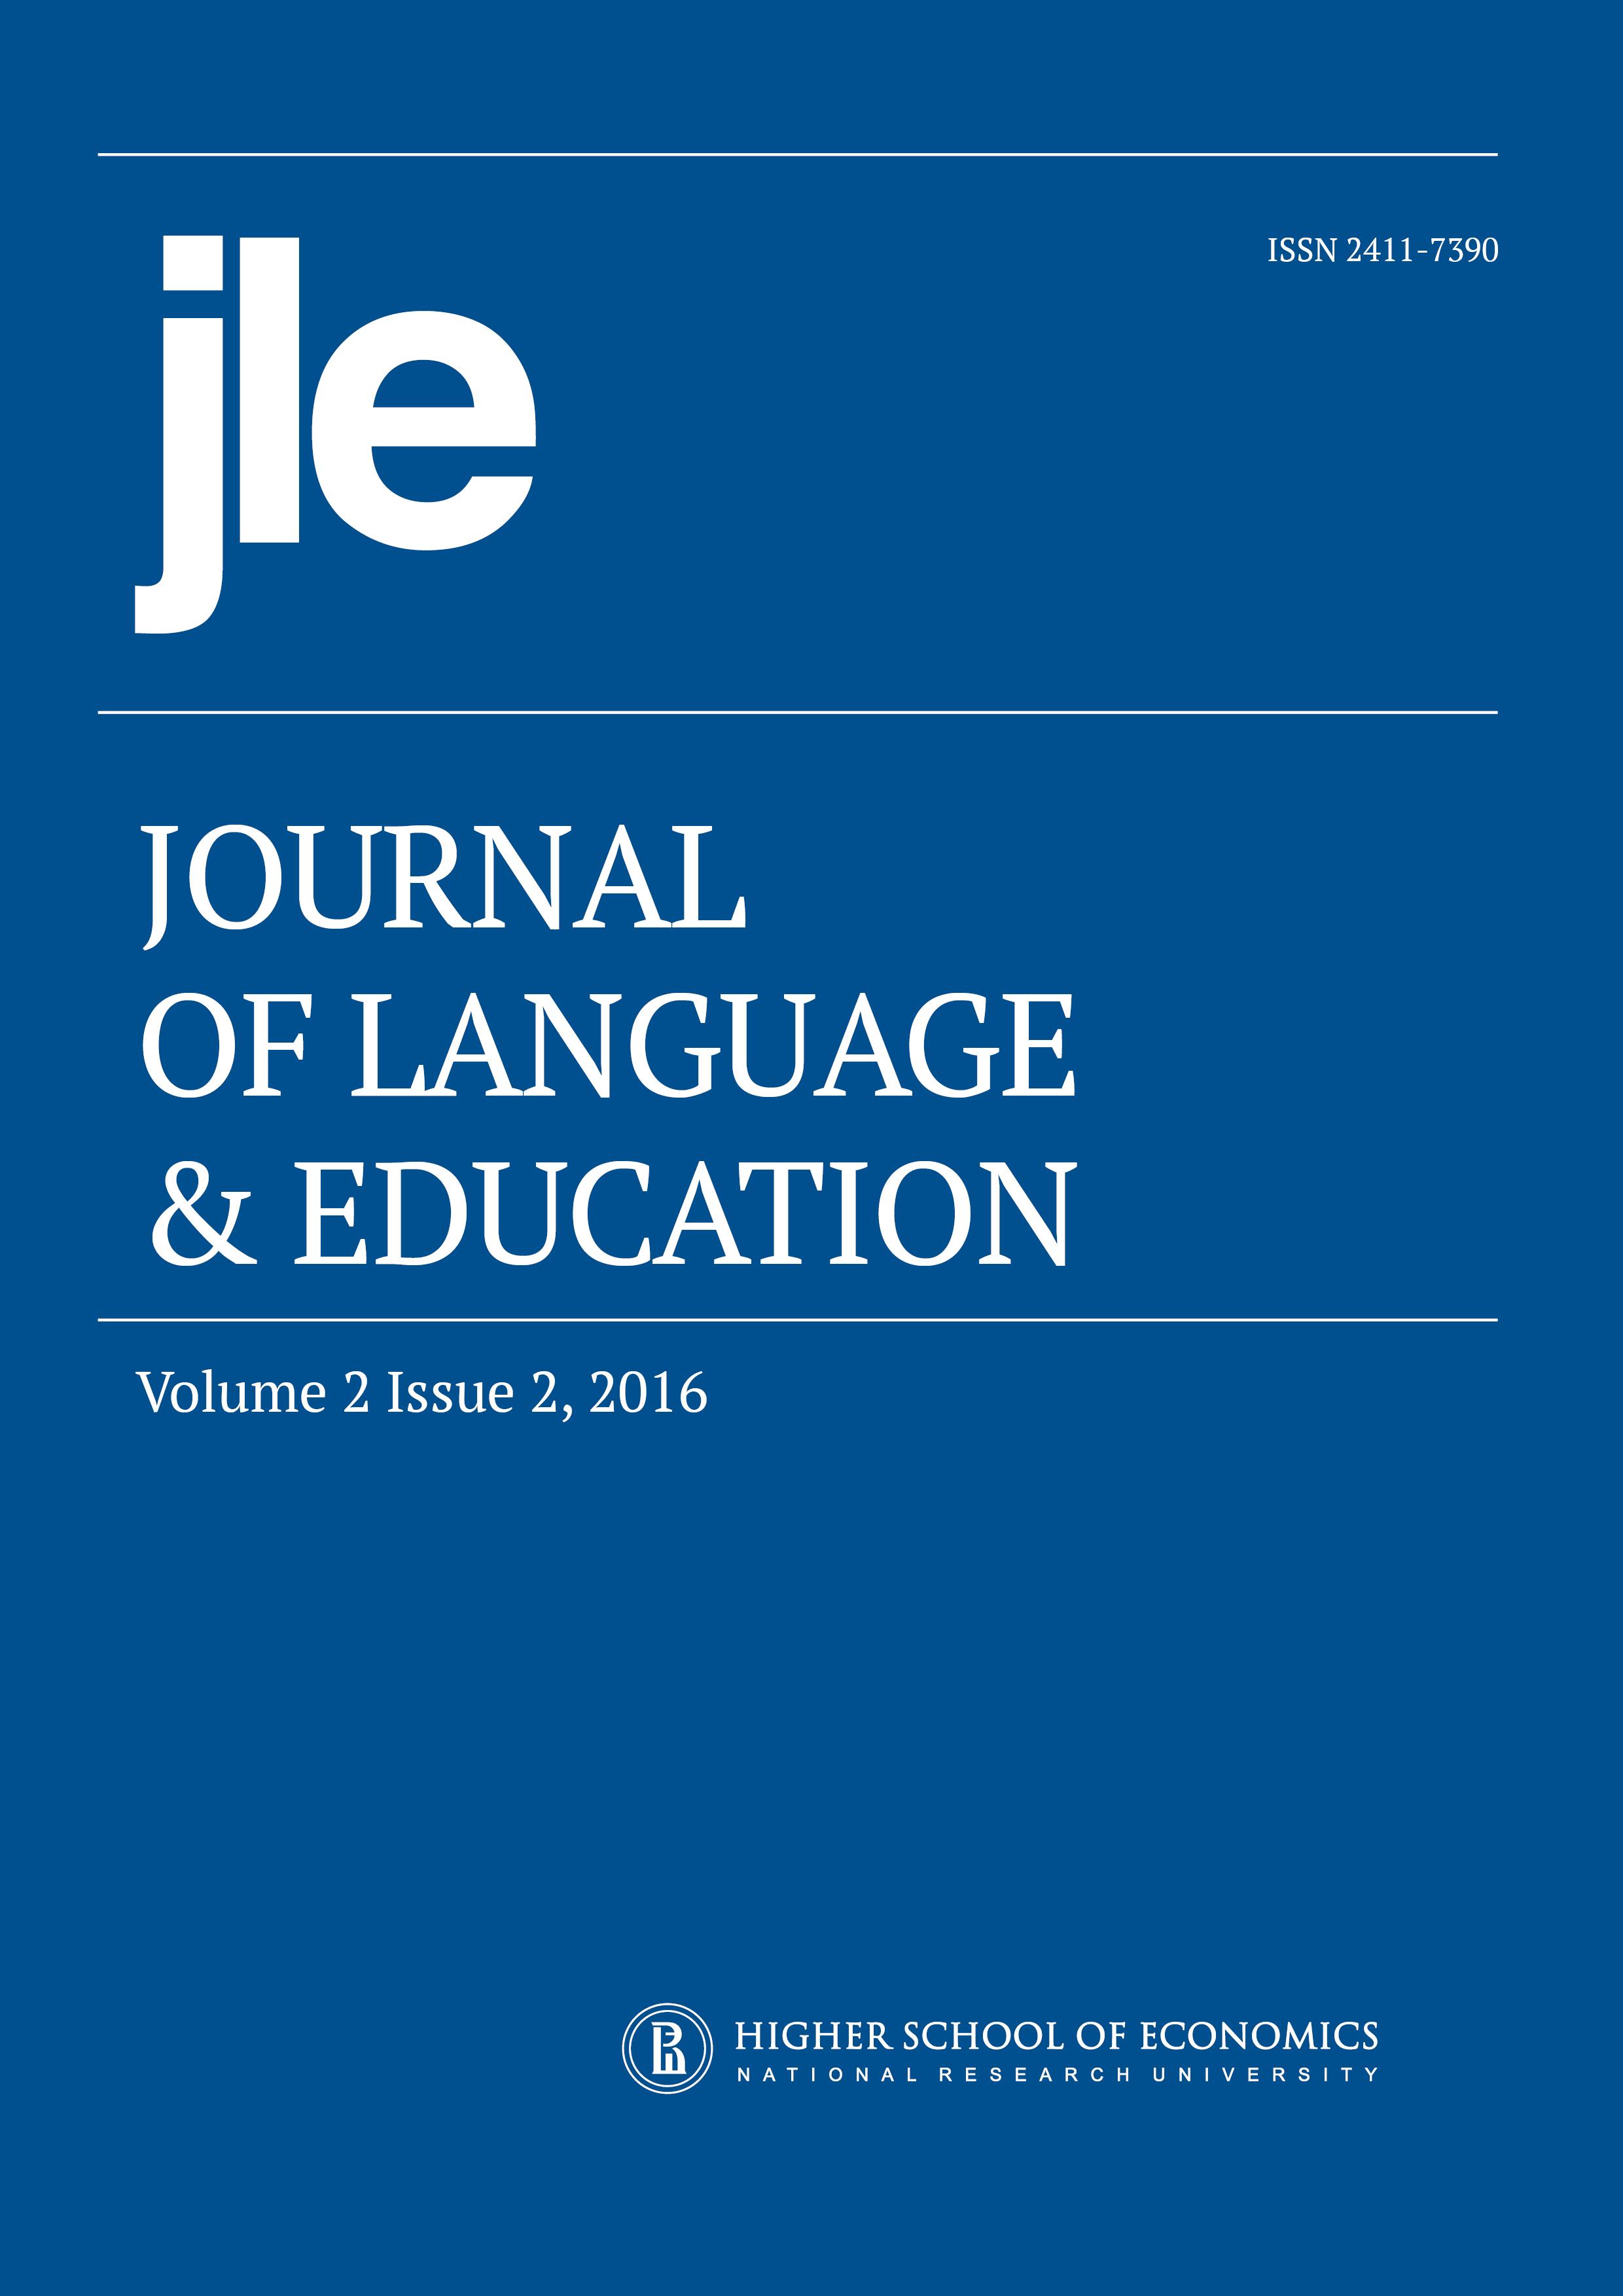 Volume 2 Issue 2, 2016